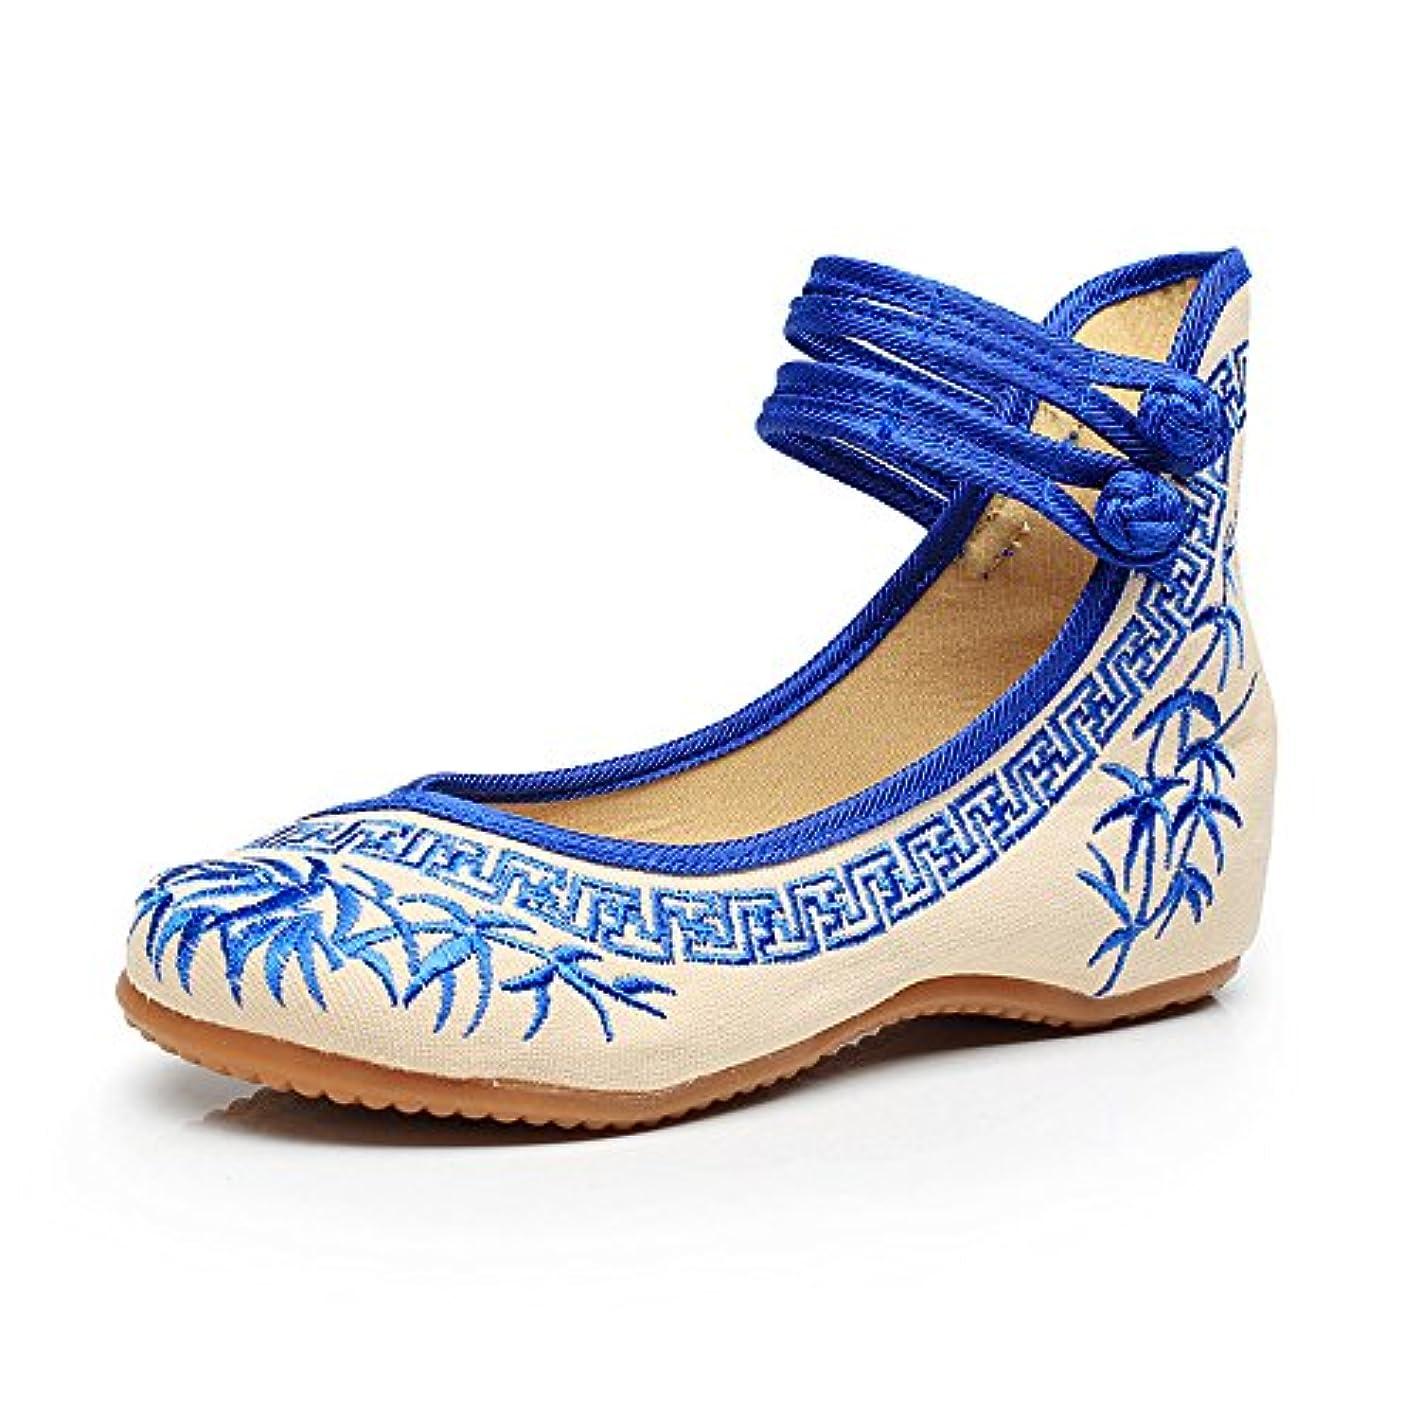 ホステル非難暴君[Fanwer] 竹刺繍女性の靴中国のカジュアルなフラットソールメアリーJanes靴